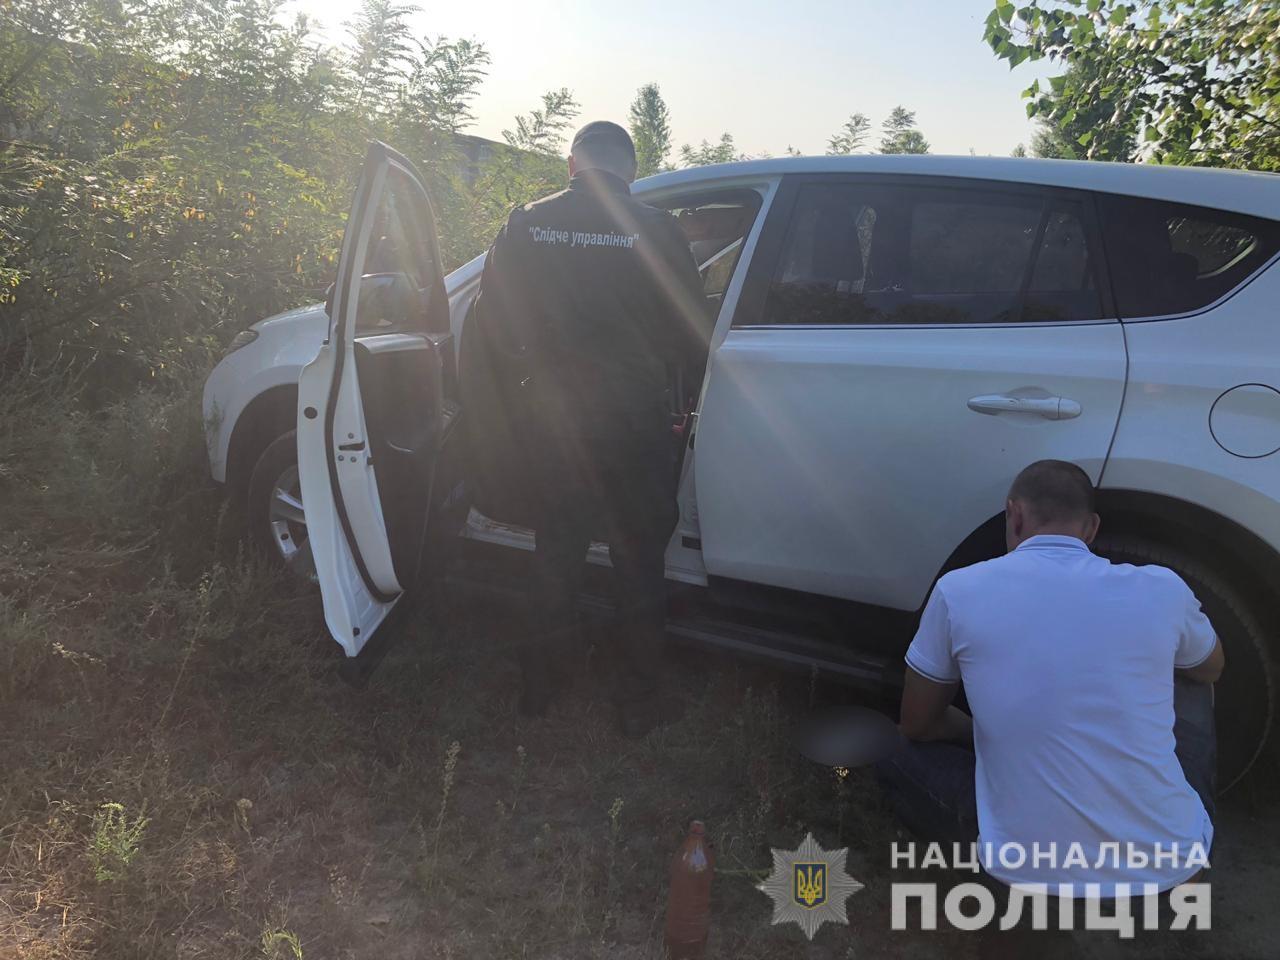 Под Киевом исчезли мать и дочь: полиция нашла автомобиль женщин. Фото: Нацполиция